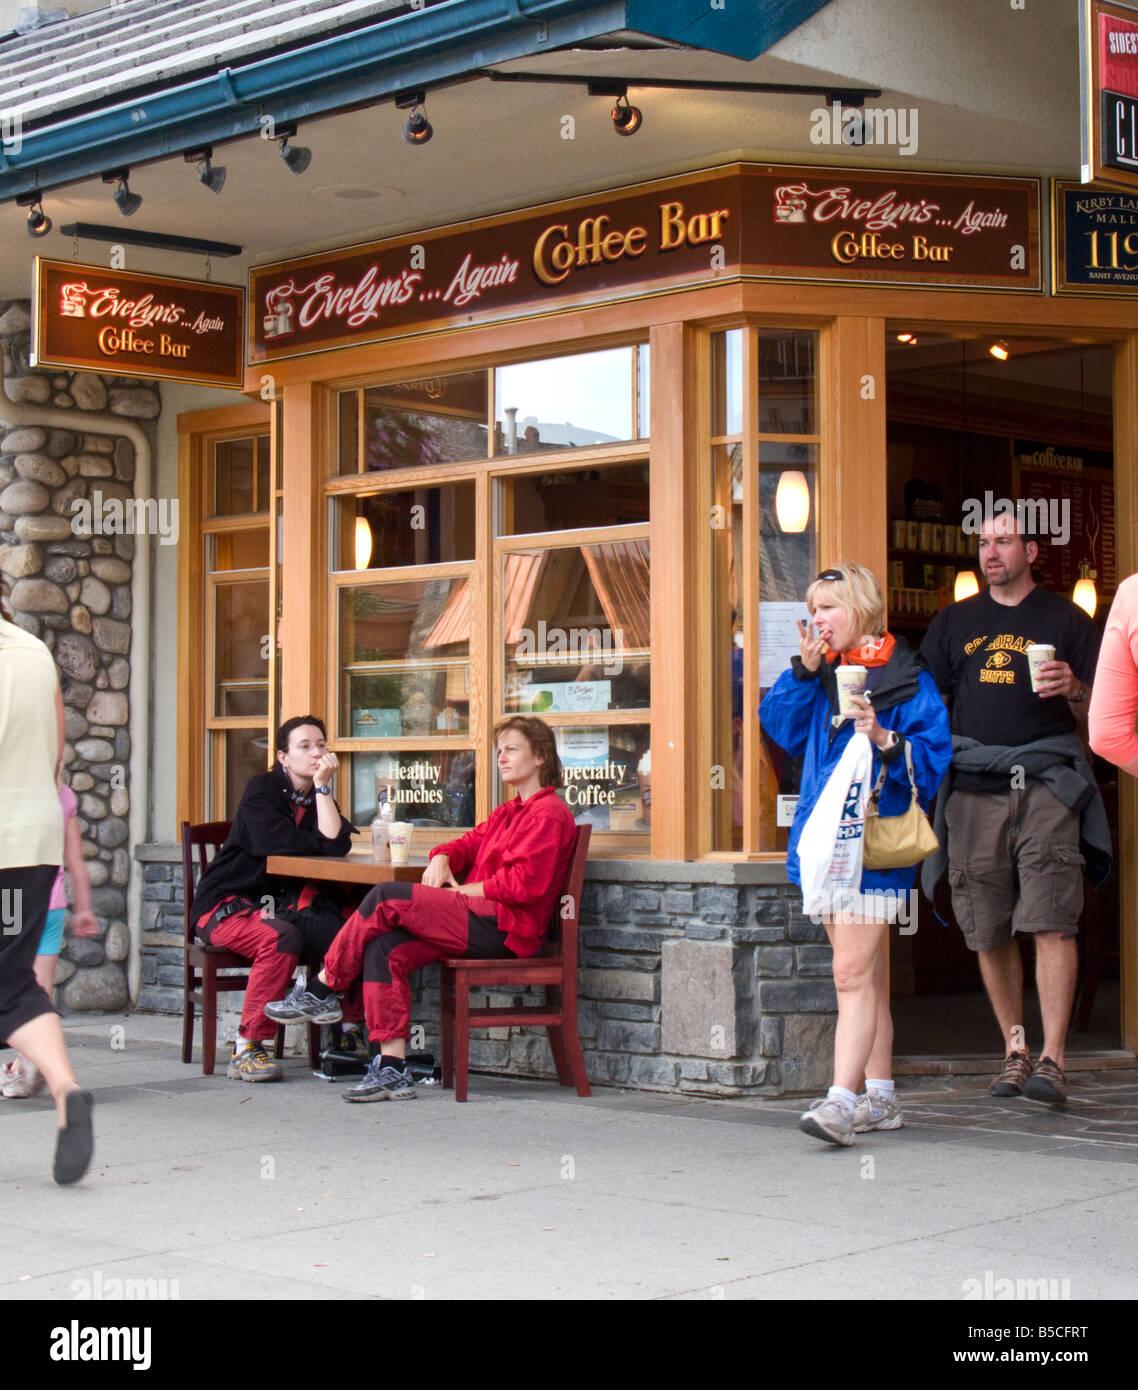 Evelyn's coffee bar sulla strada principale, Banff, Calgary, Canada Immagini Stock